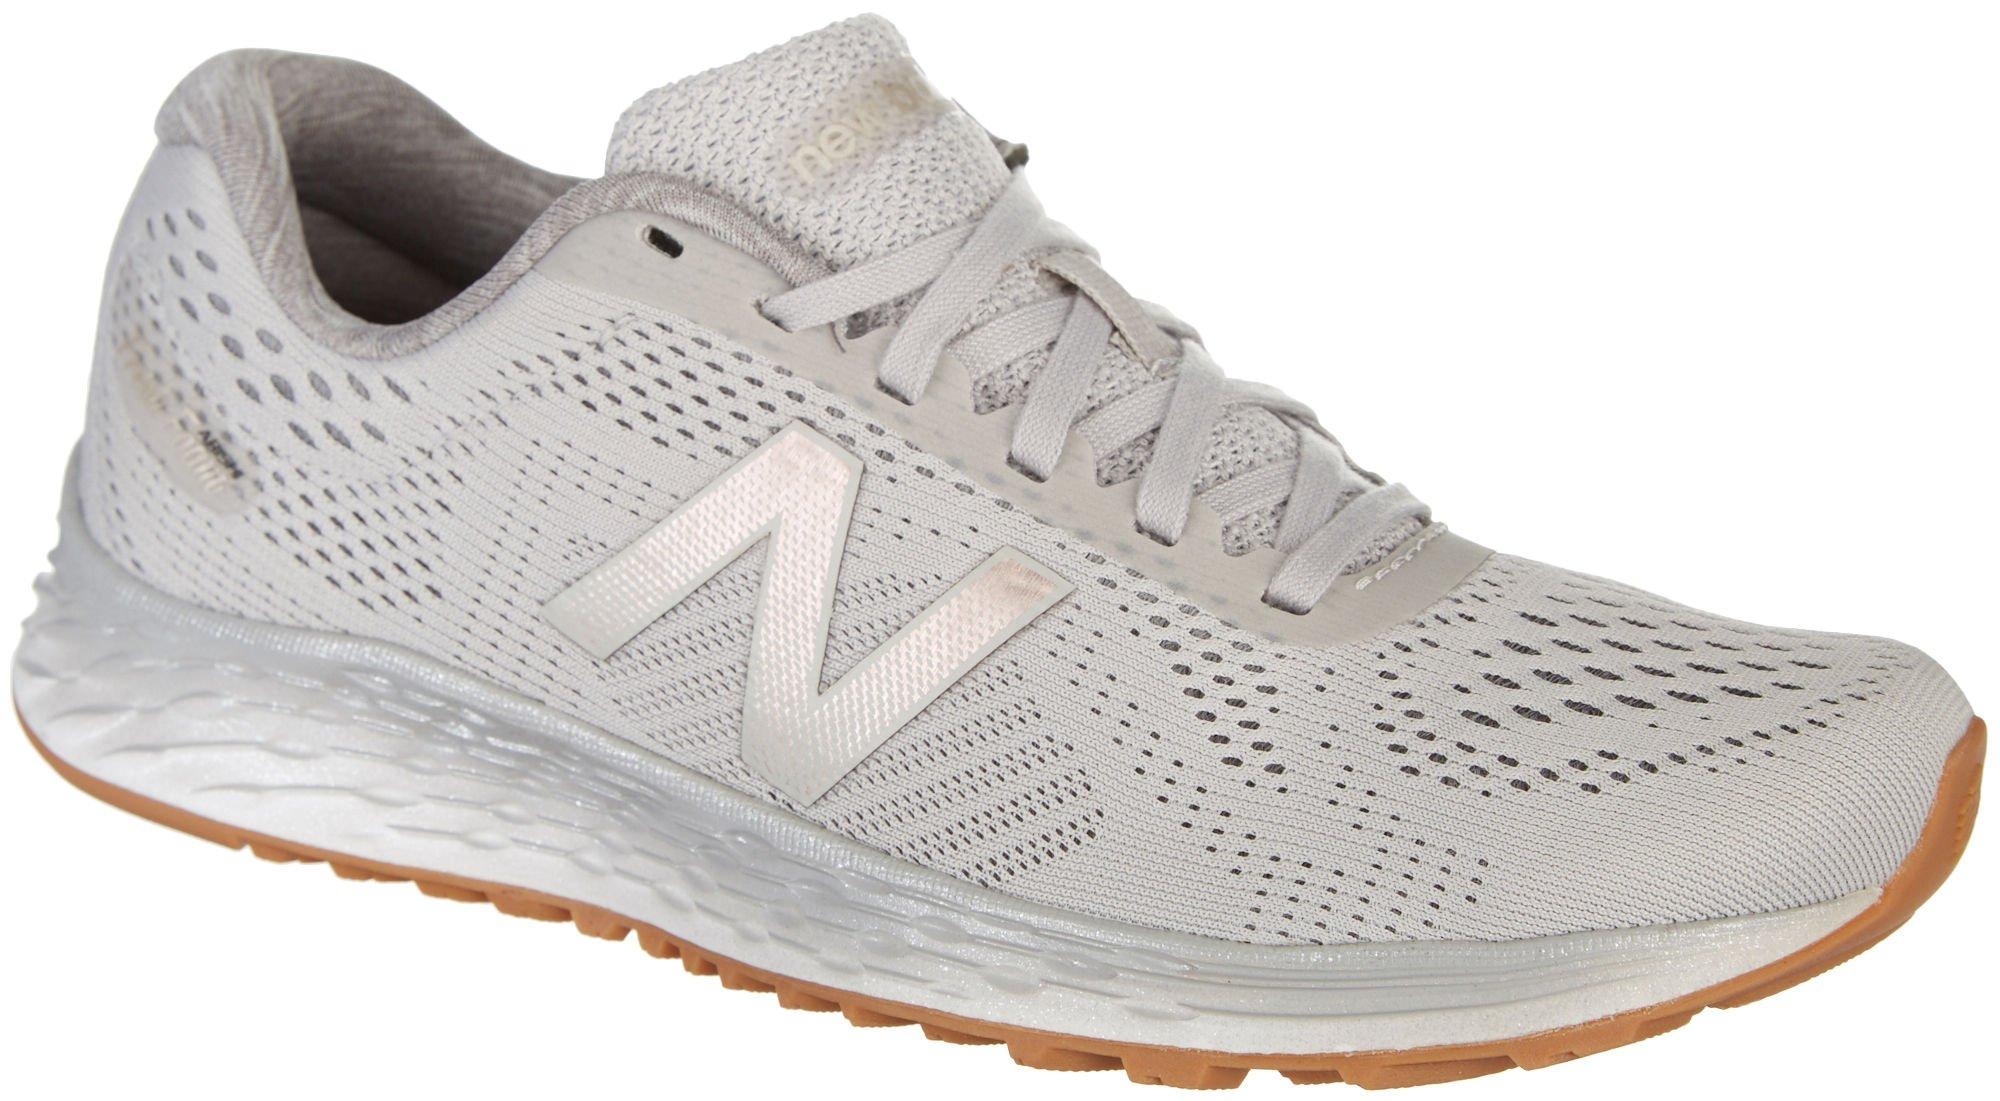 New Balance Women's Fresh Foam Arishi v1 Running Shoes, Light Grey, 9 B US